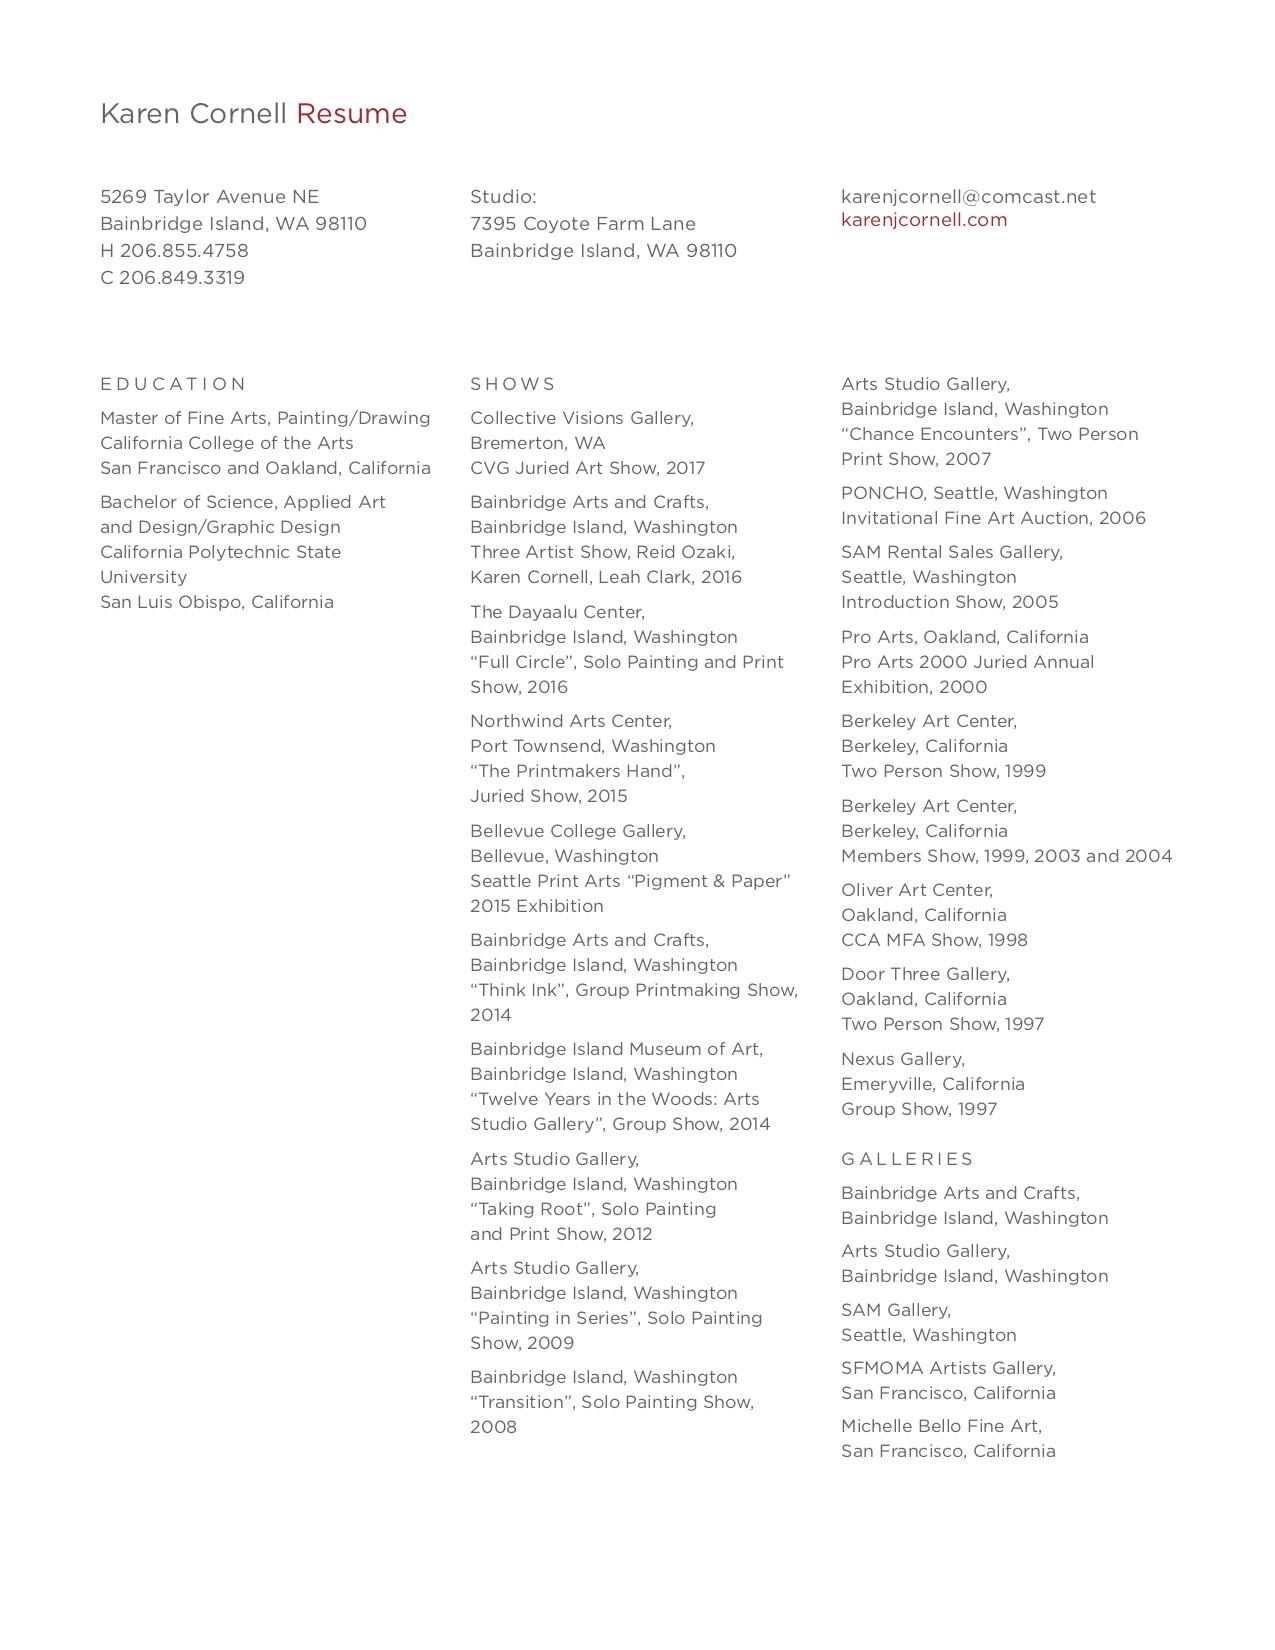 Cornell_Resume_2017_01.jpg